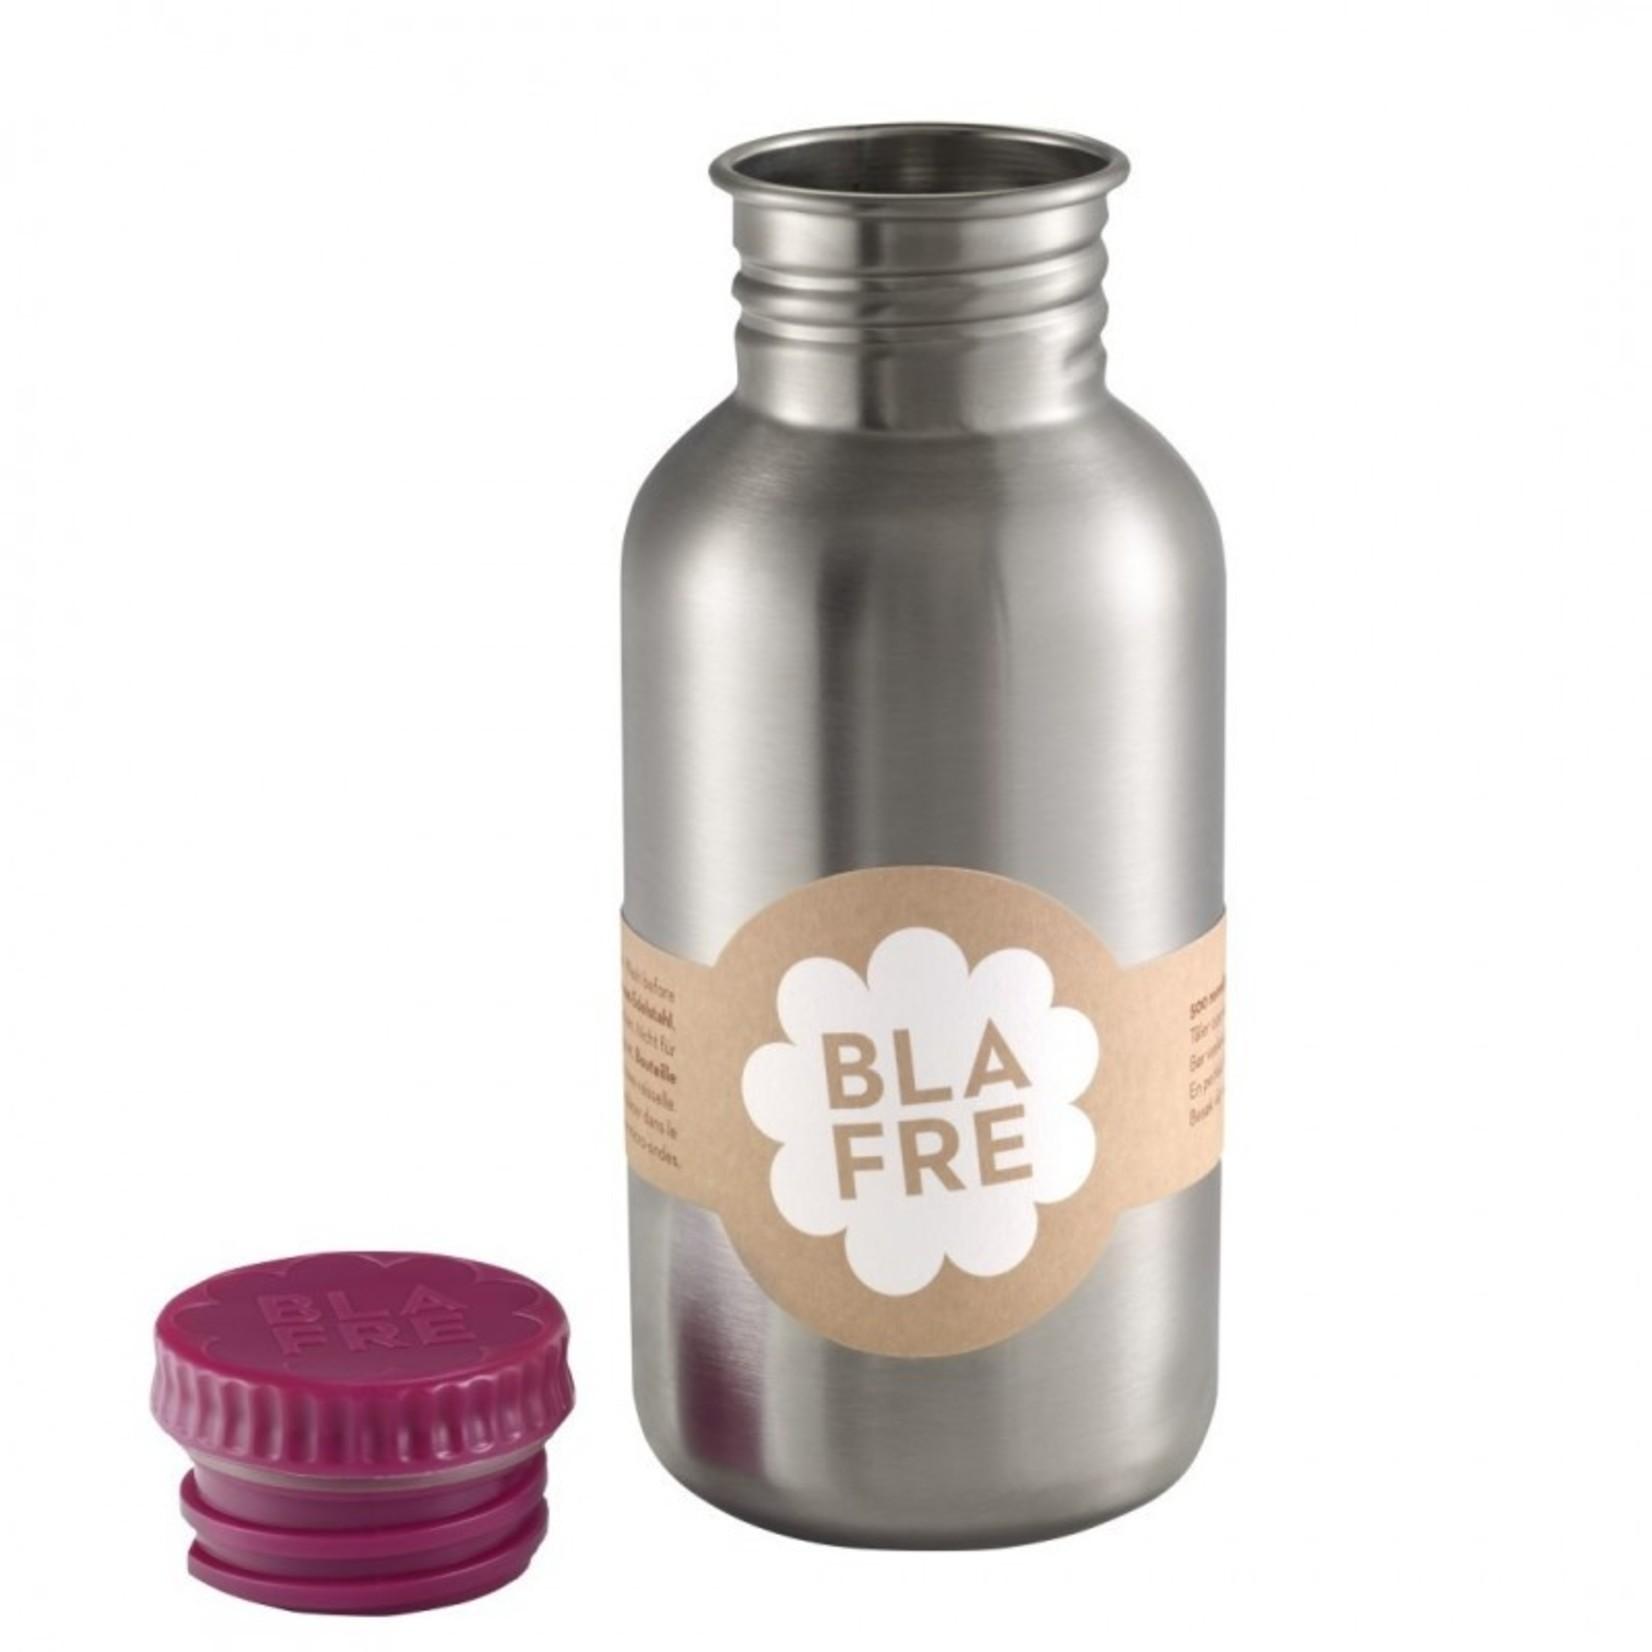 BLAFRE Edelstahltrinkflasche für Kinder von Blafre